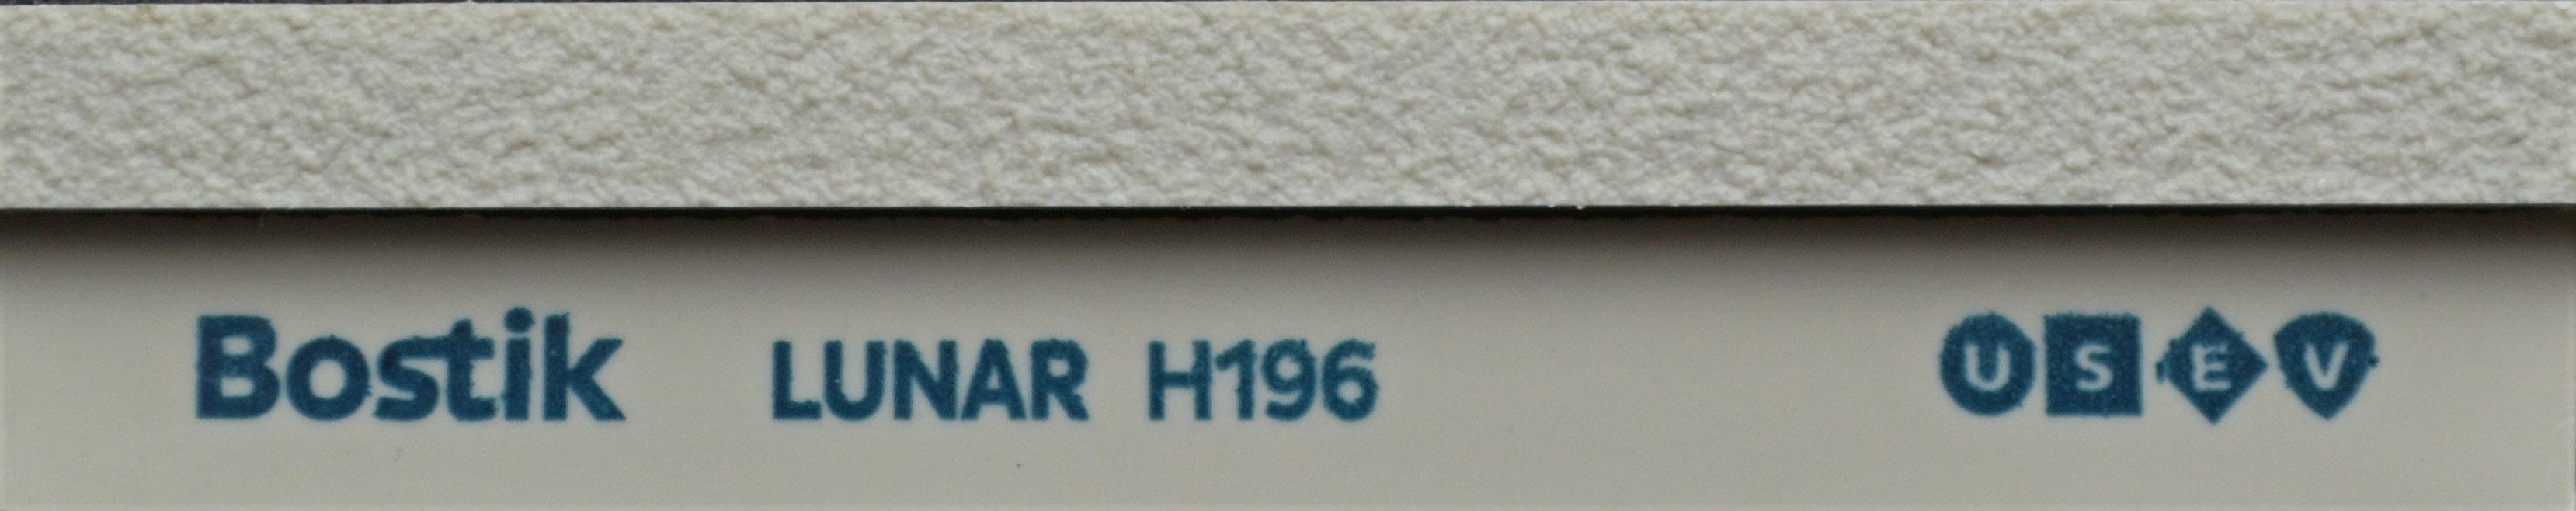 9 Lunar Sanded Grout H196 Westchester Tile